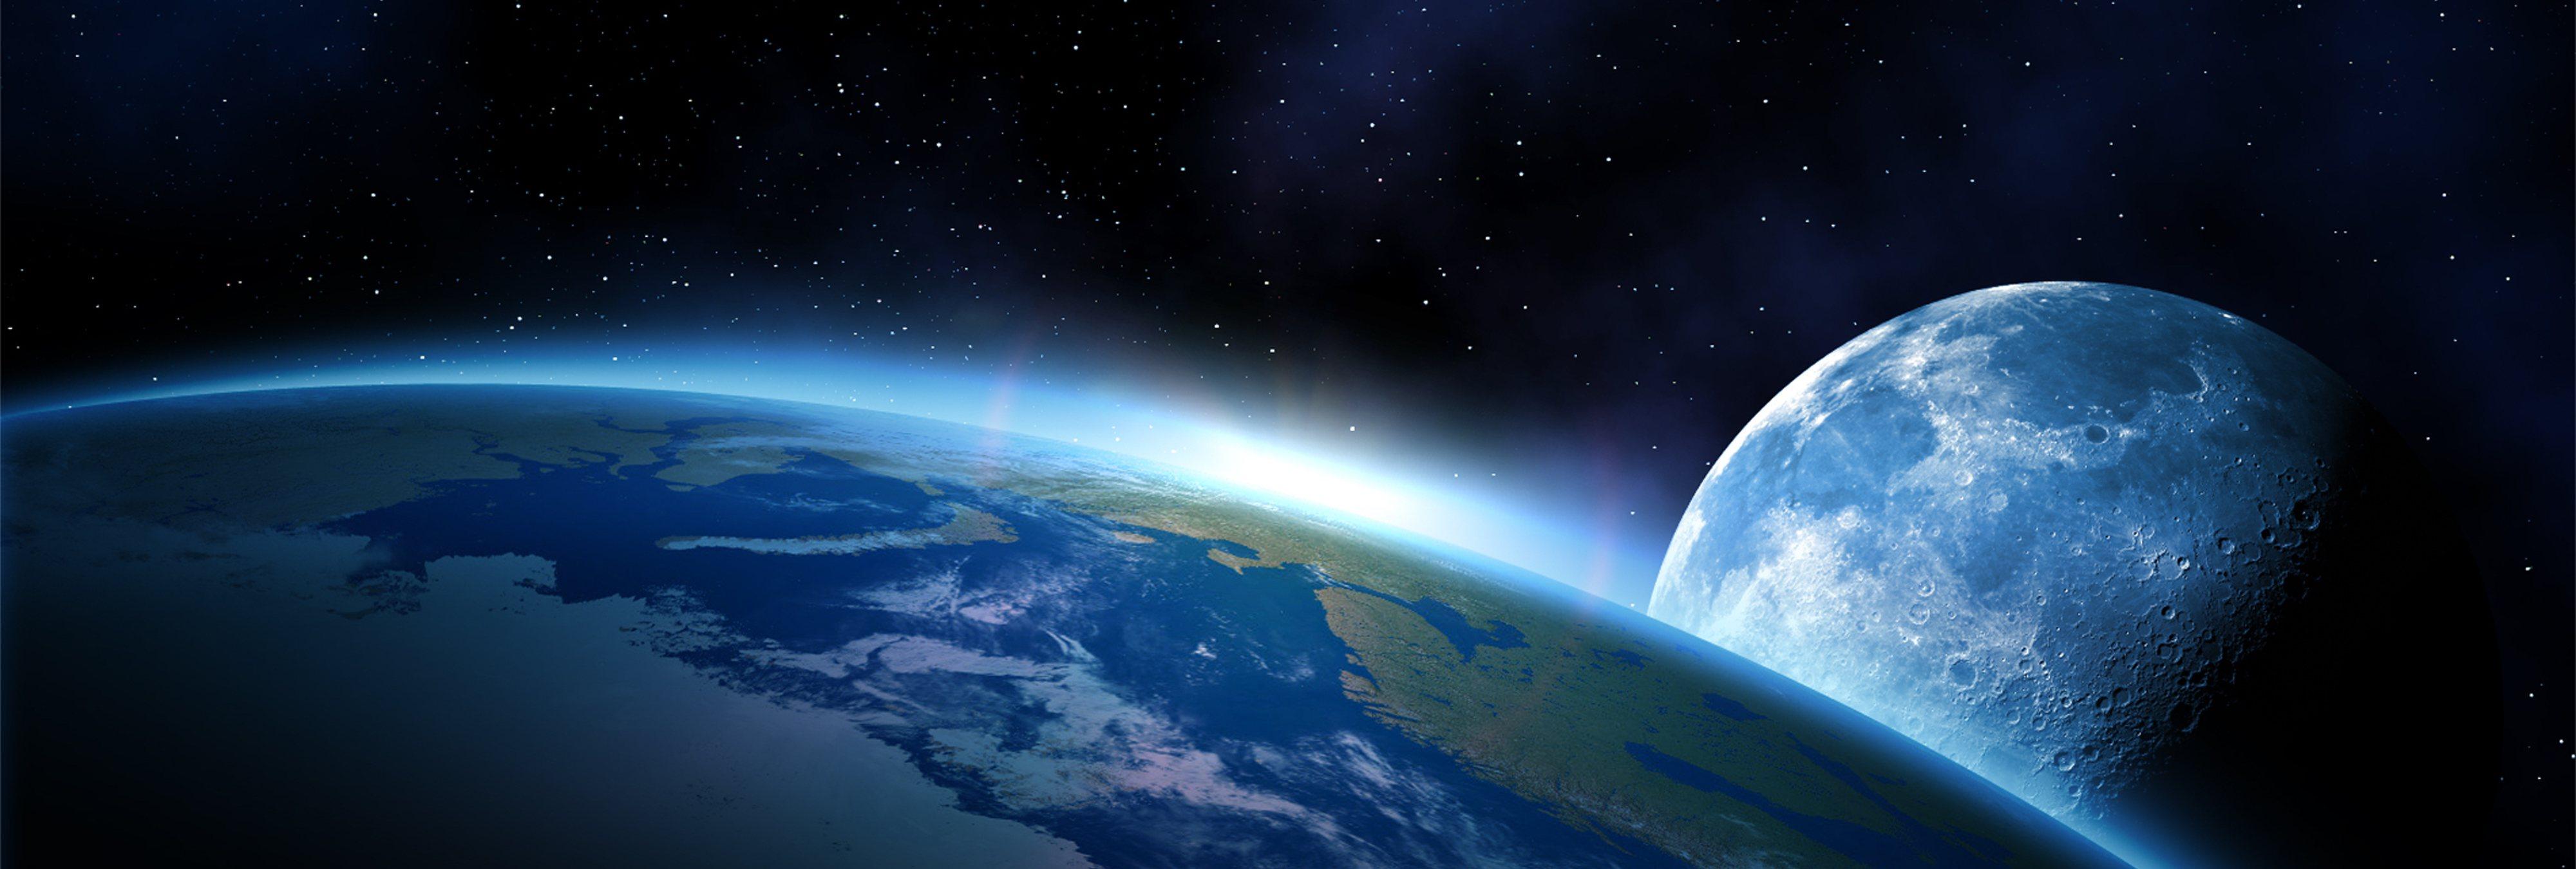 Localizan la procedencia de una señal espacial que identifican con vida extraterrestre